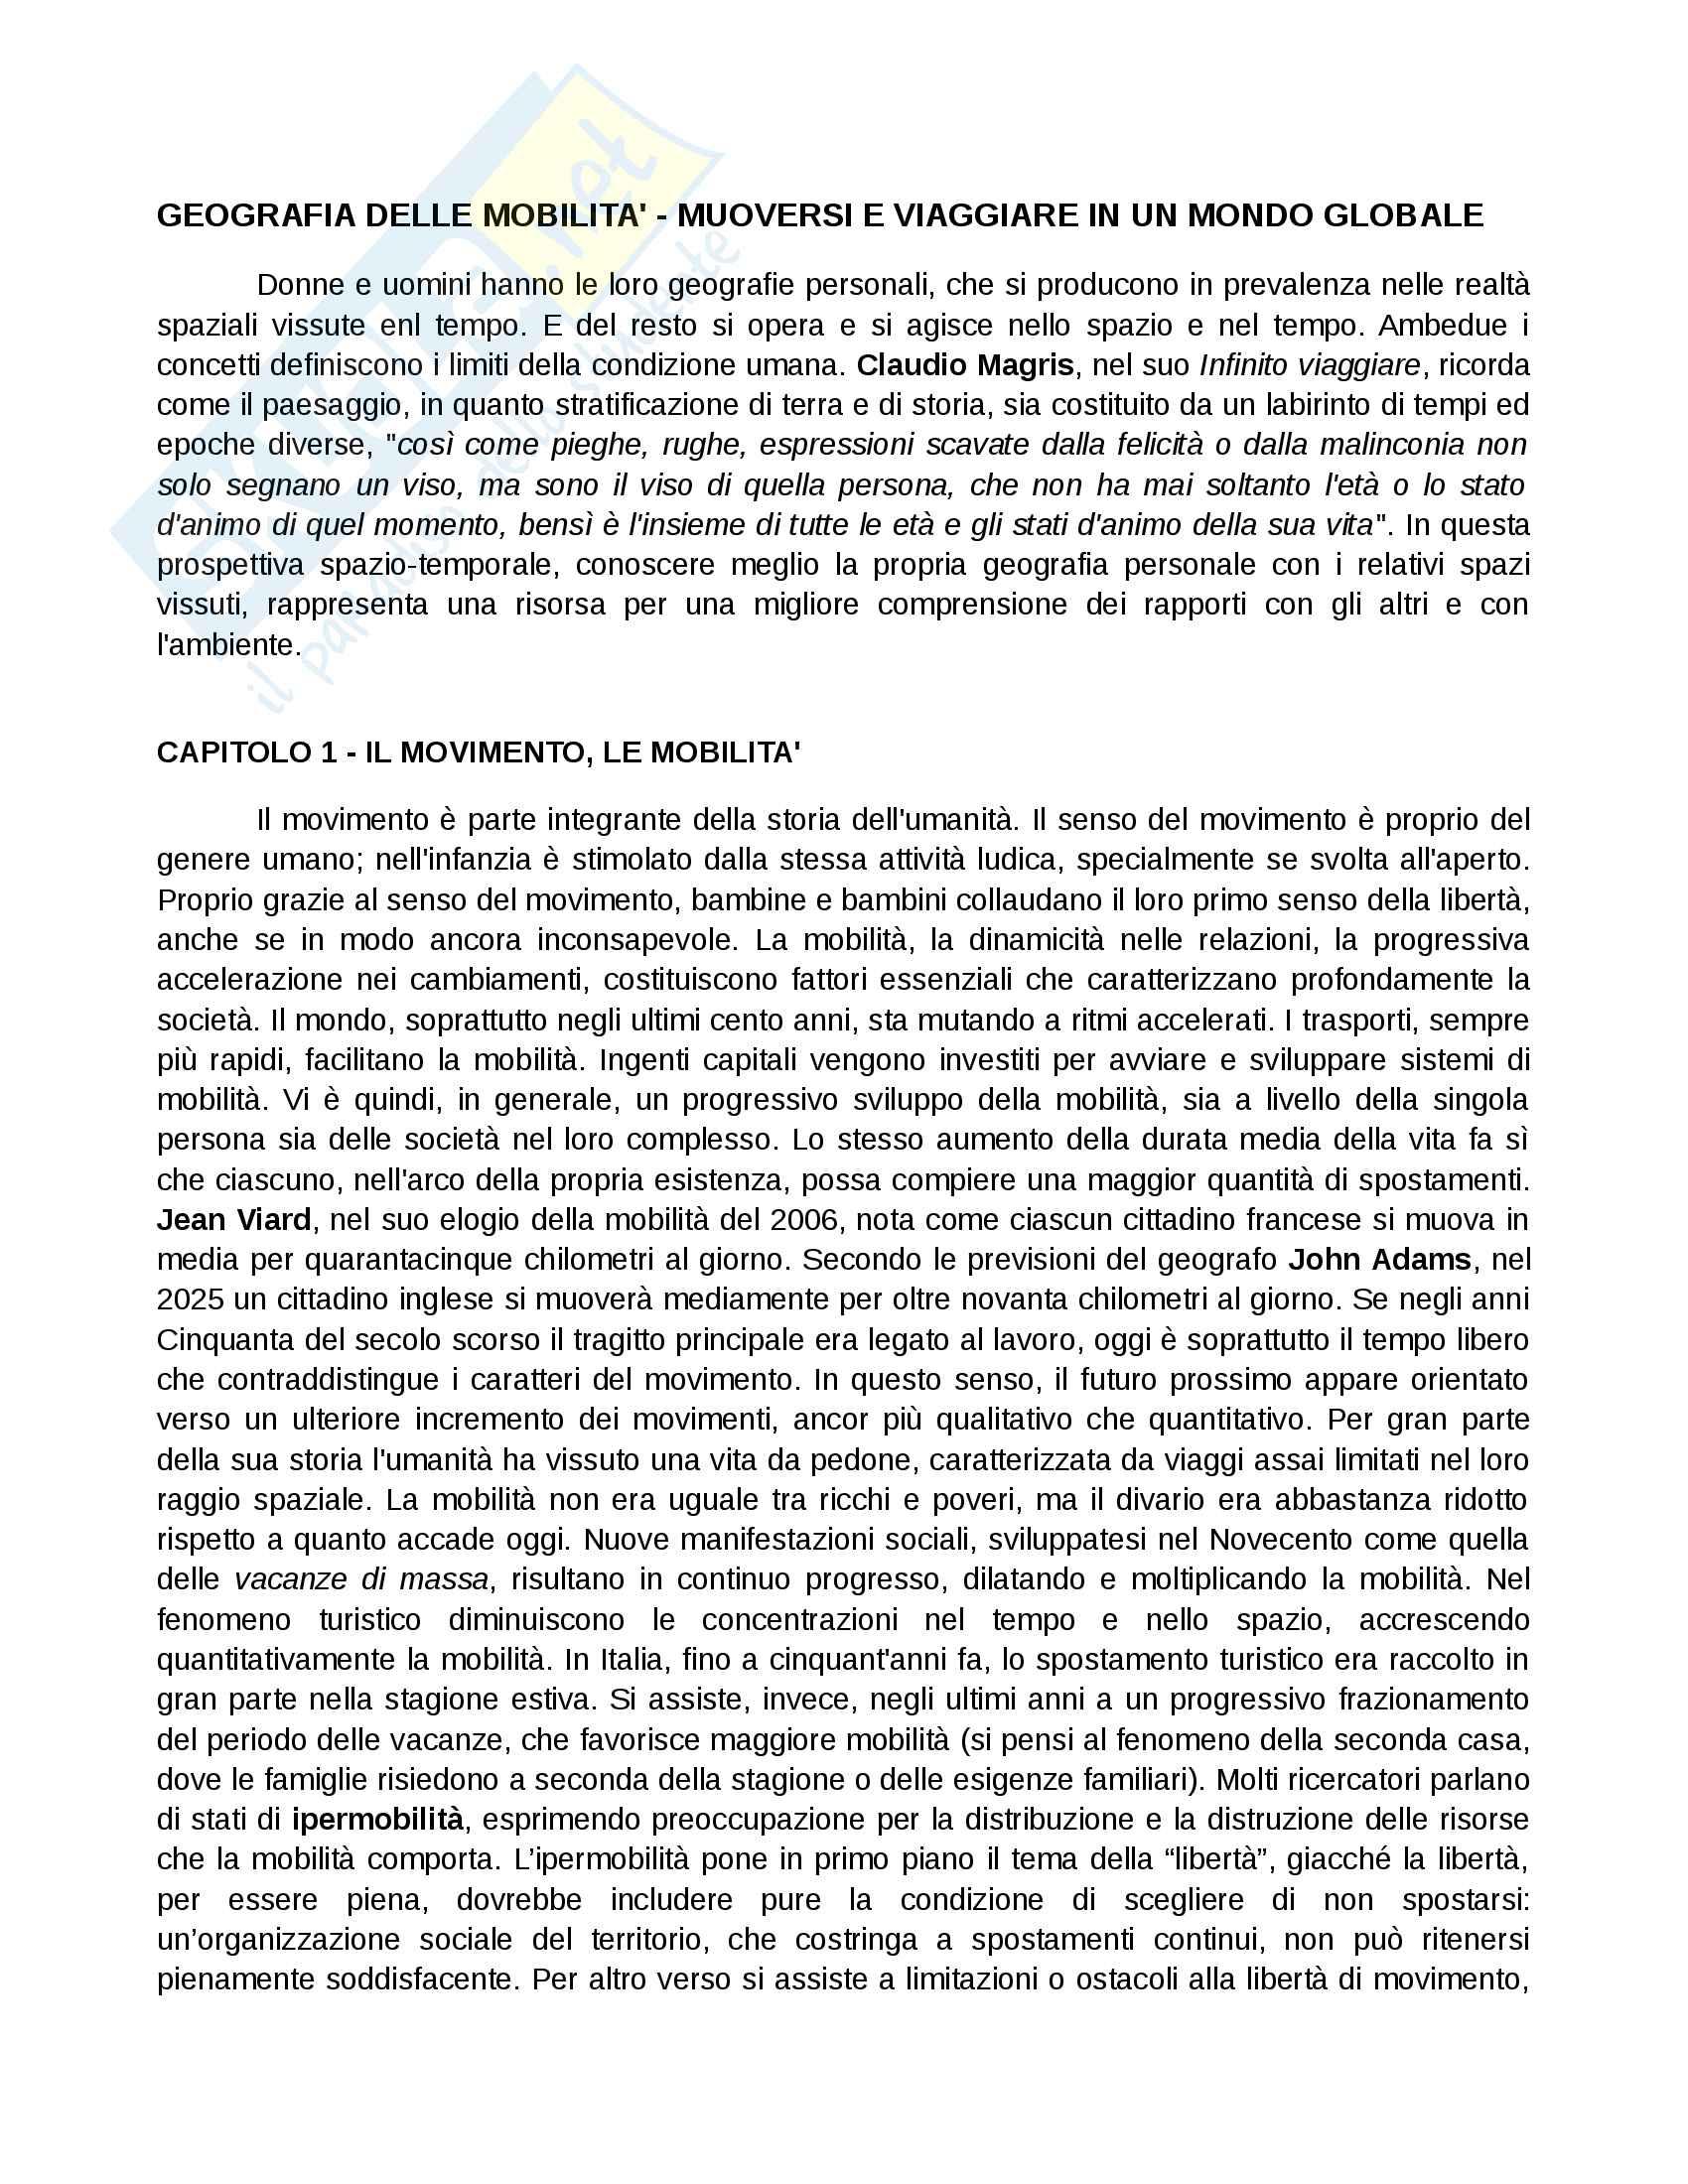 Riassunto esame Geografia, prof. De Vecchis, libro consigliato Geografia delle mobilità. Muoversi e viaggiare in un mondo globale, De Vecchis